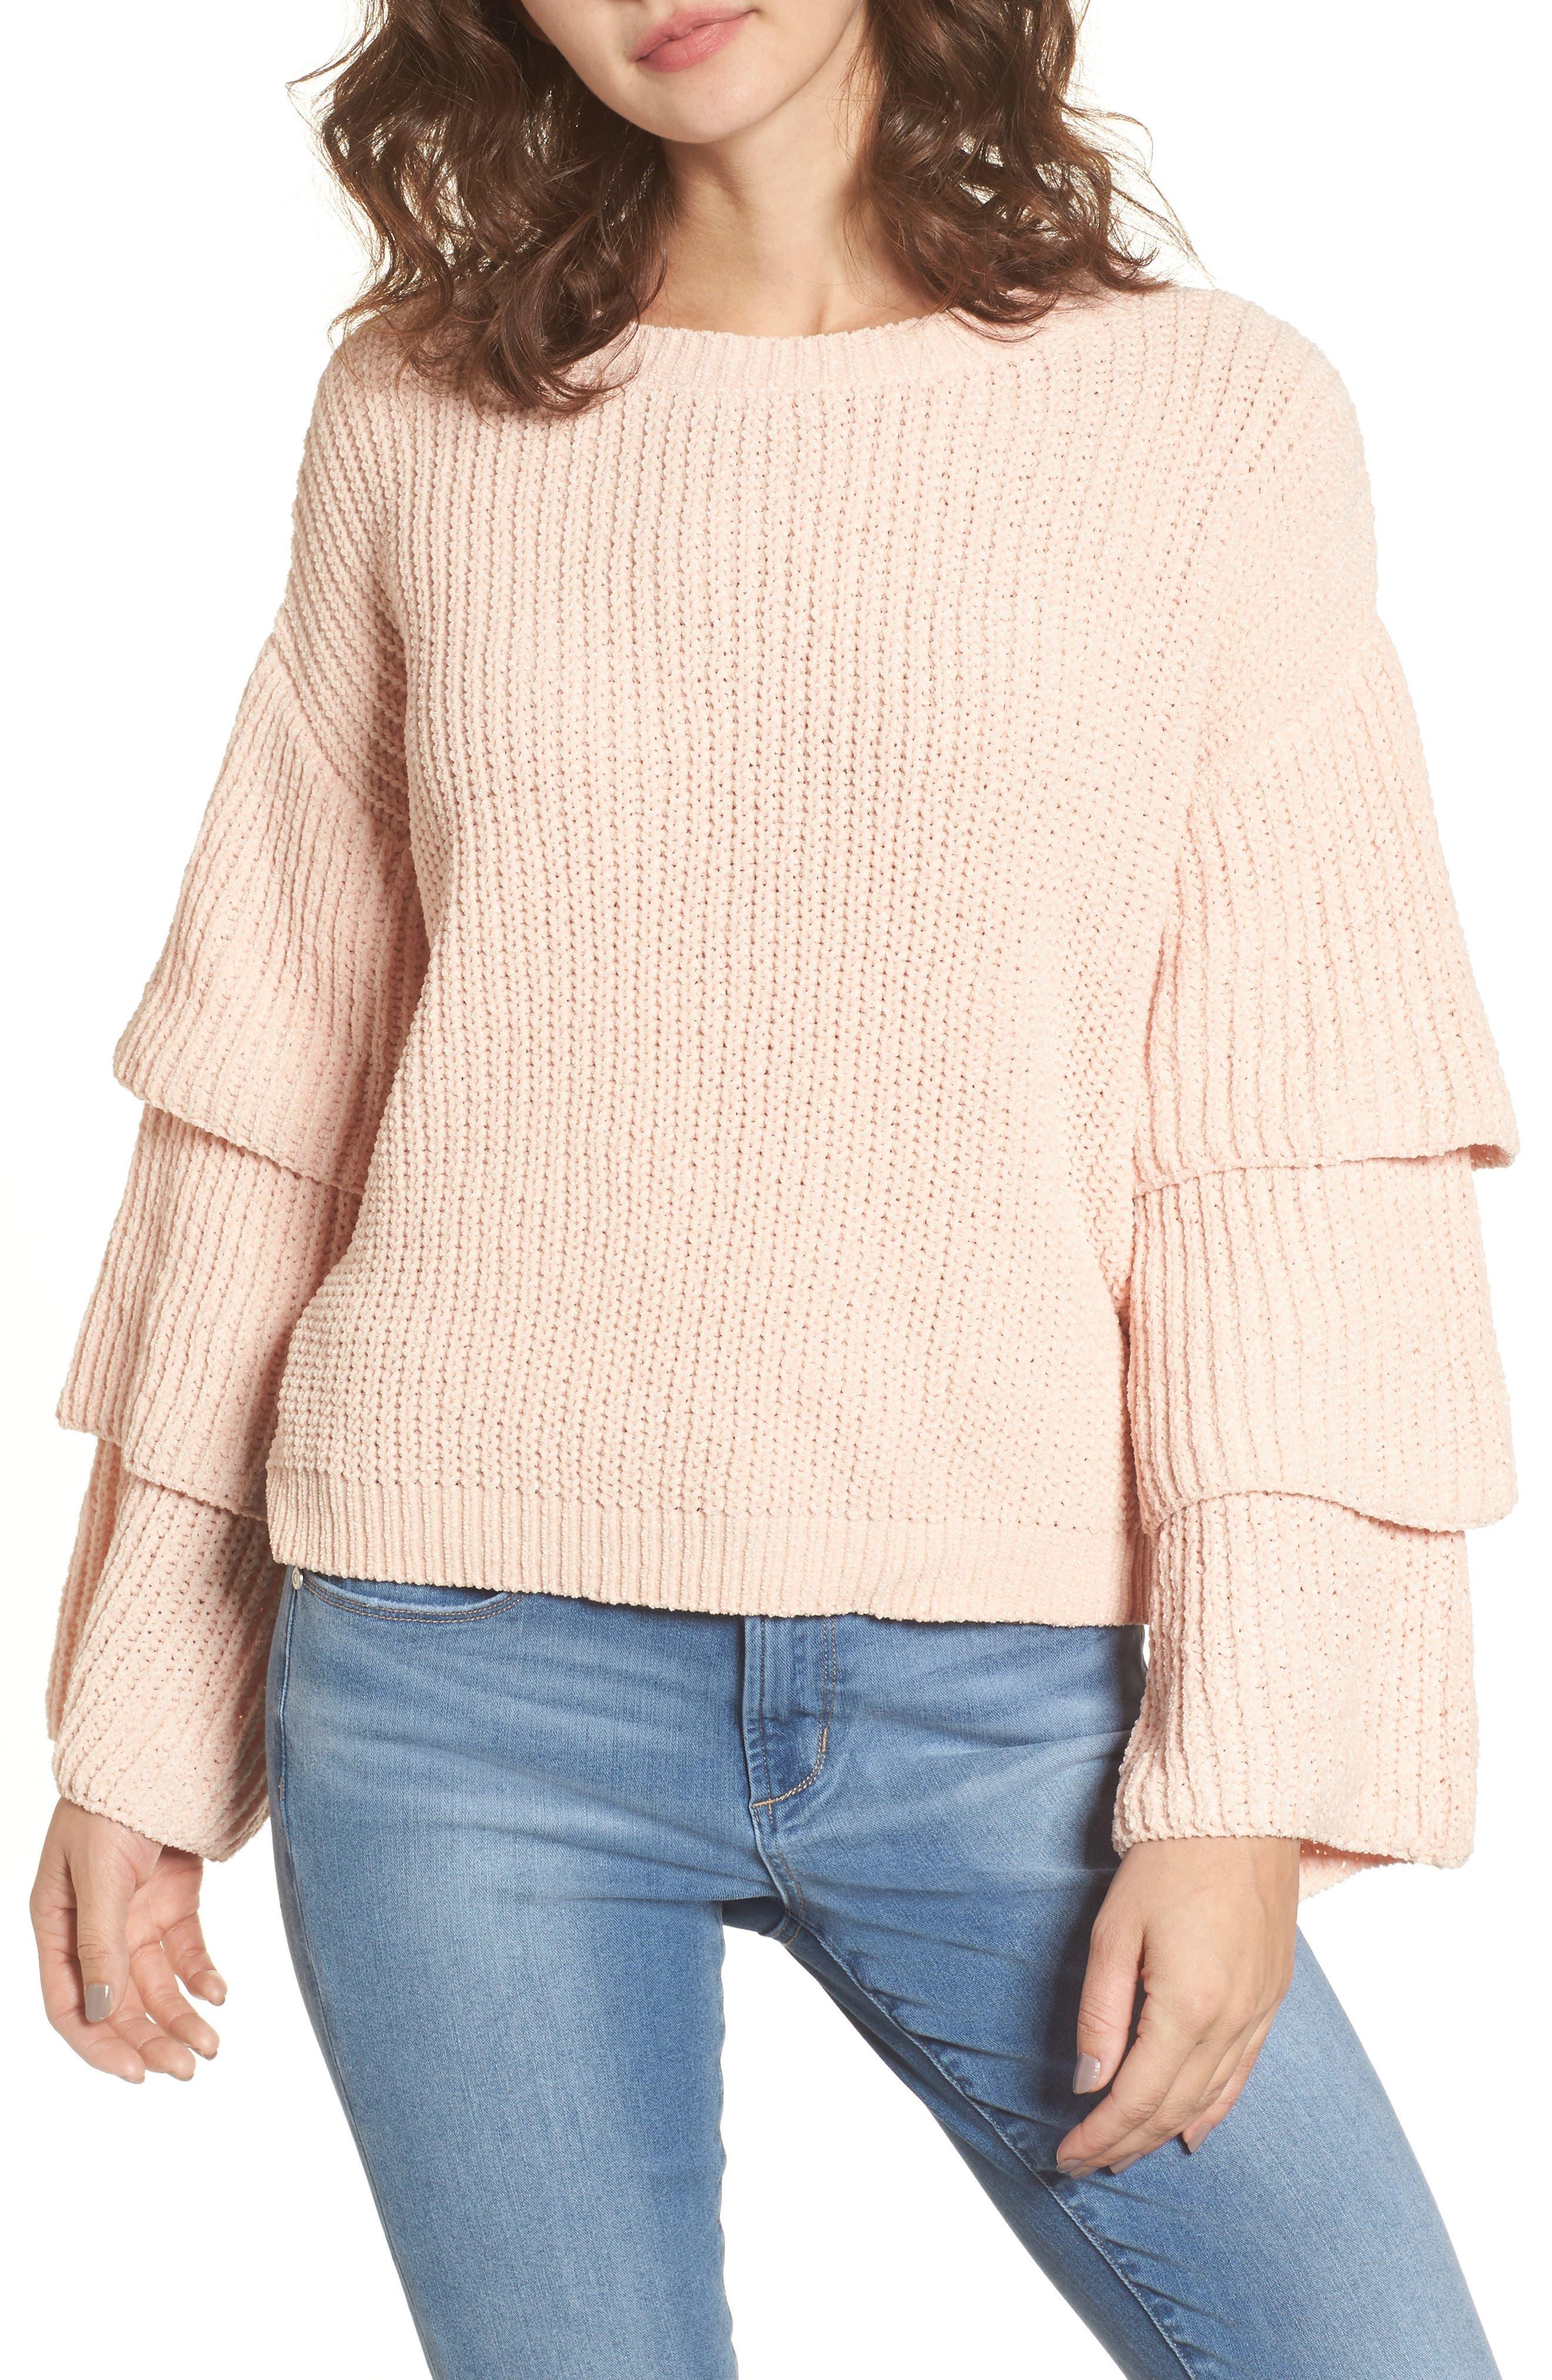 Woven Heart Triple Ruffle Sweater